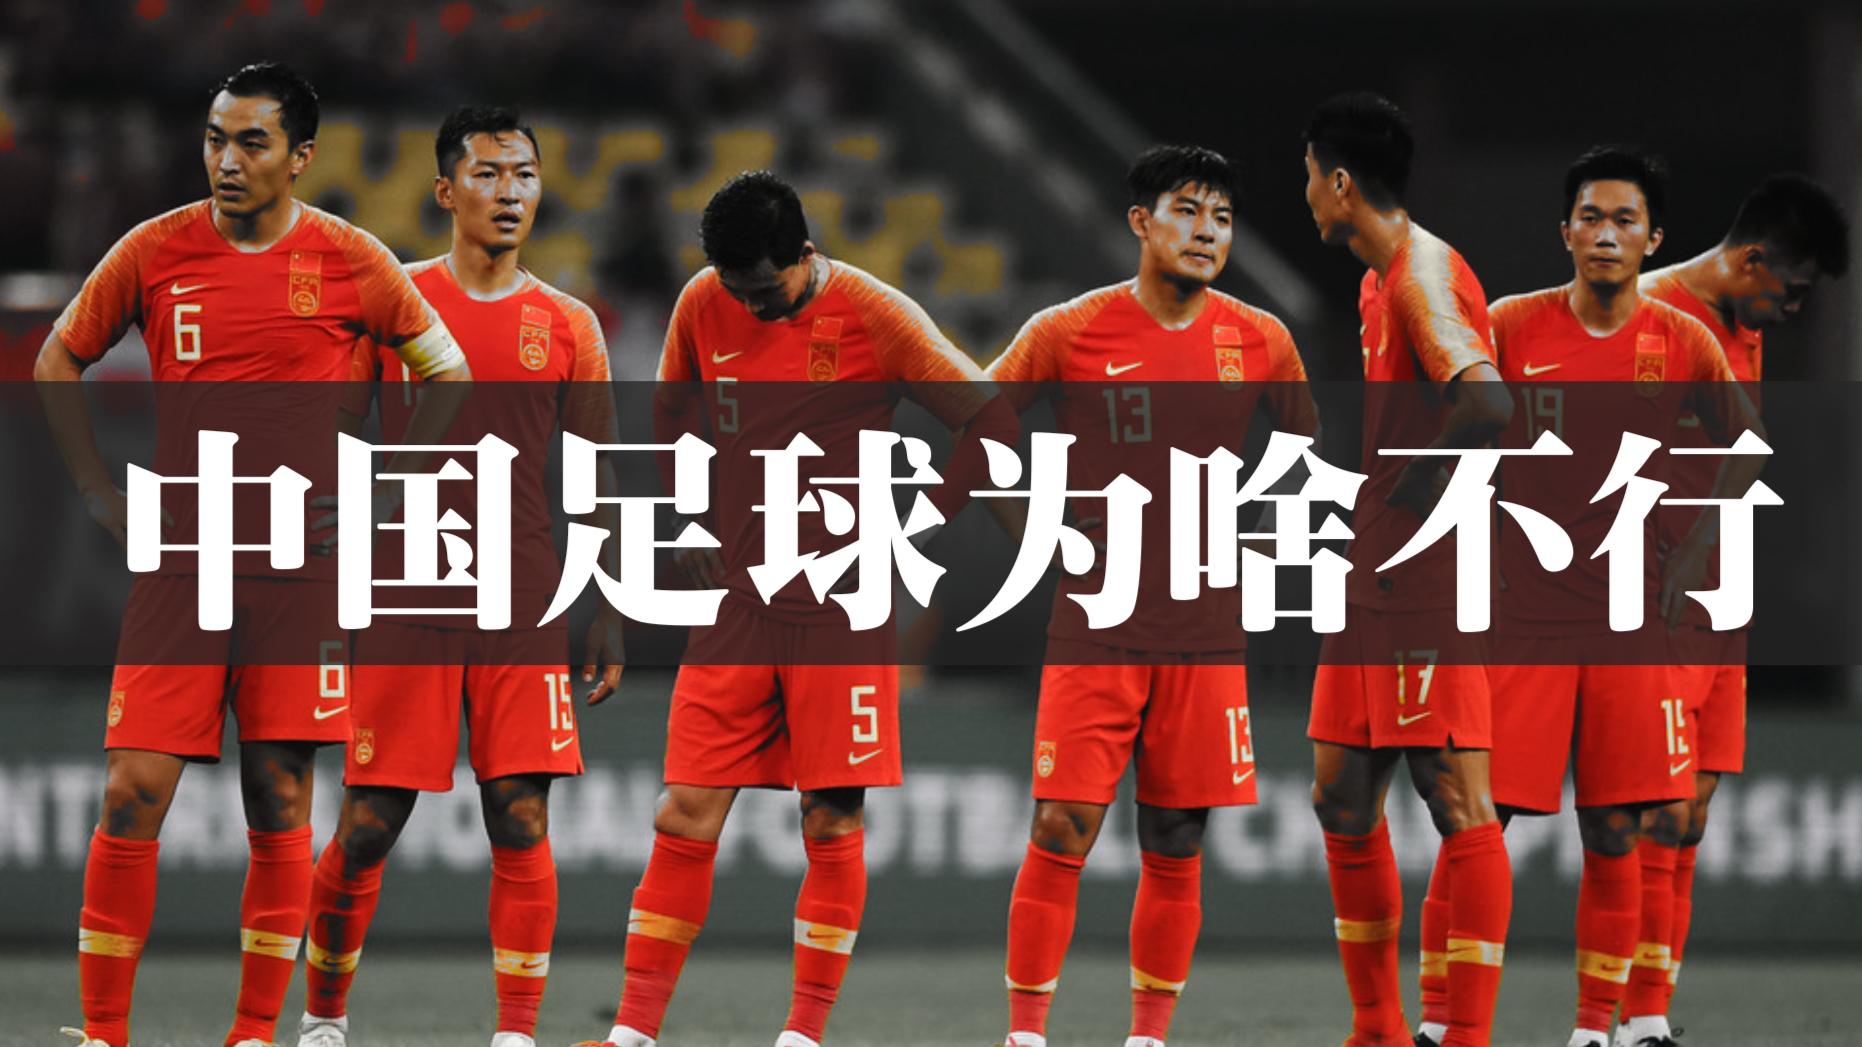 【巅峰足谈】中国足球为啥不行?